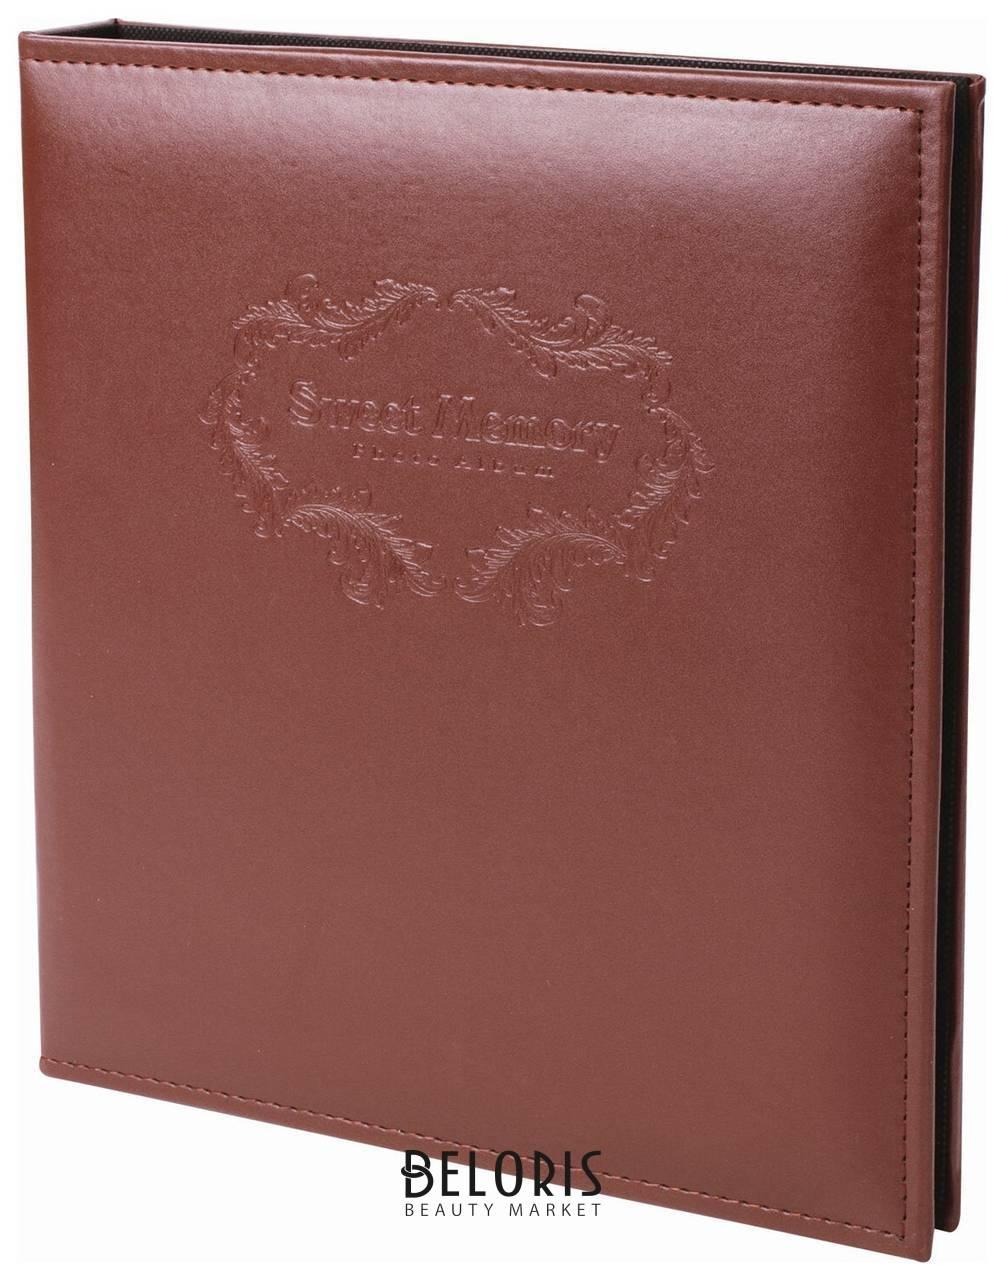 Фотоальбом BRAUBERG на 20 магнитных листов, 23х28 см, под гладкую кожу, на кольцах, коричневый Brauberg